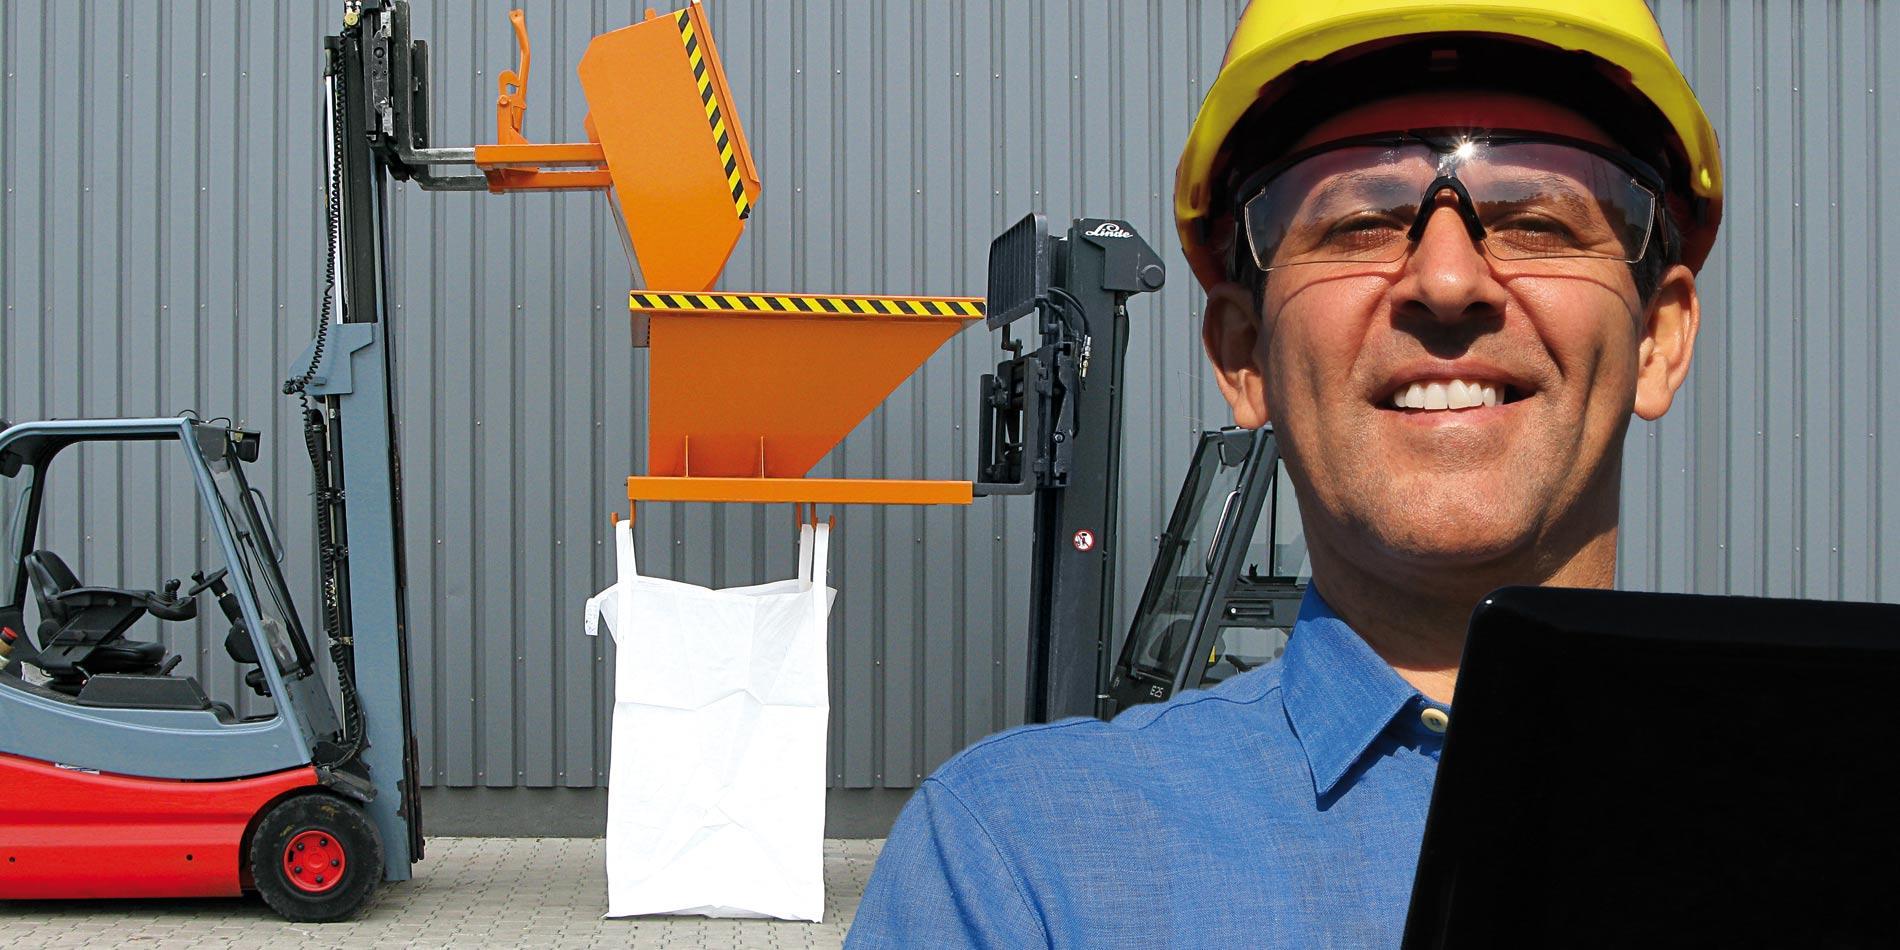 Gabelstapler Anbaugeräte von Eichinger Industrie: gefertigt in Deutschland